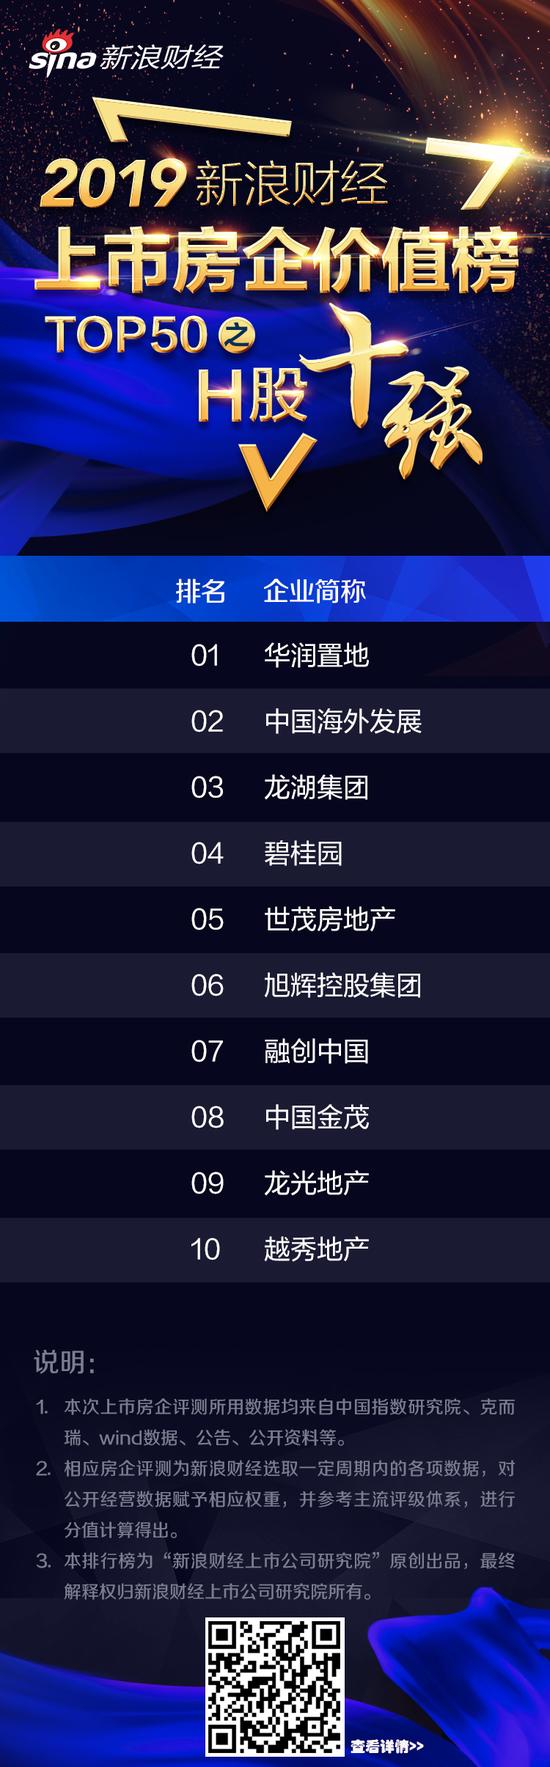 上市房企价值榜H股前三:华润置地、中海地产、龙湖